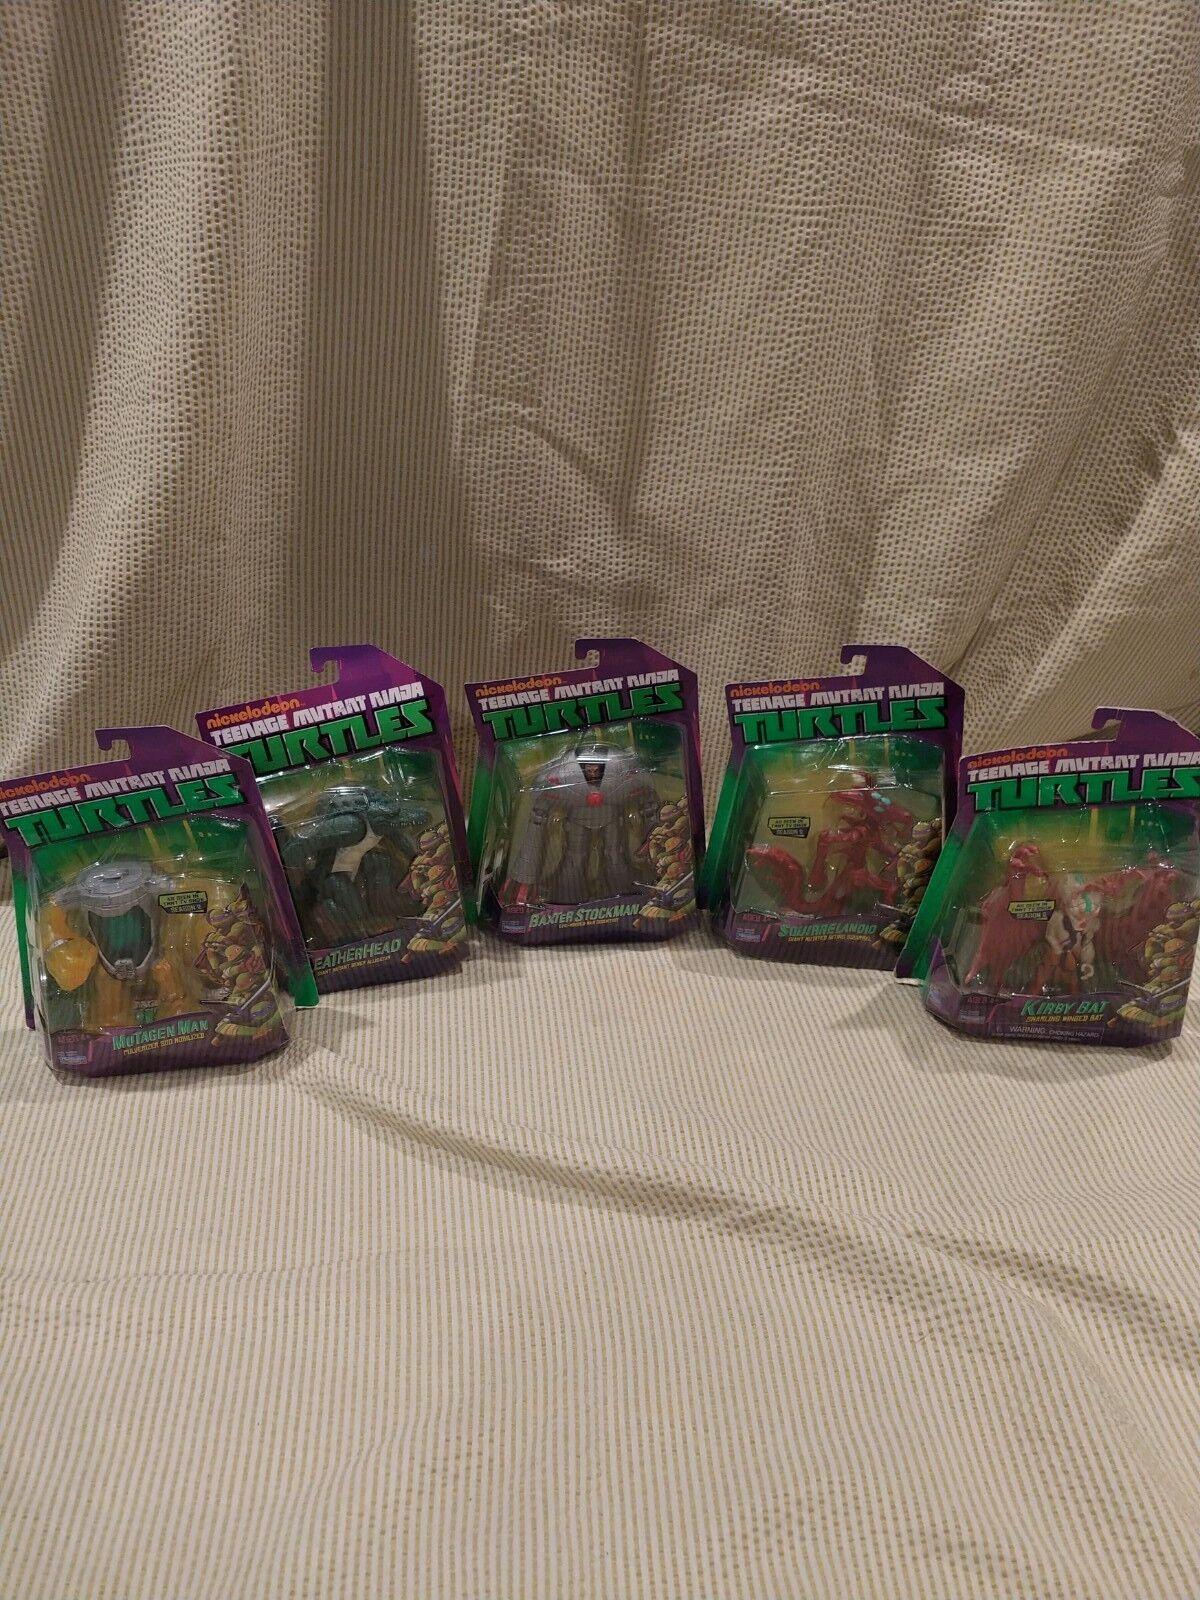 Teenage Mutant Ninja Turtles Action Figures - Toy lot - 5 items